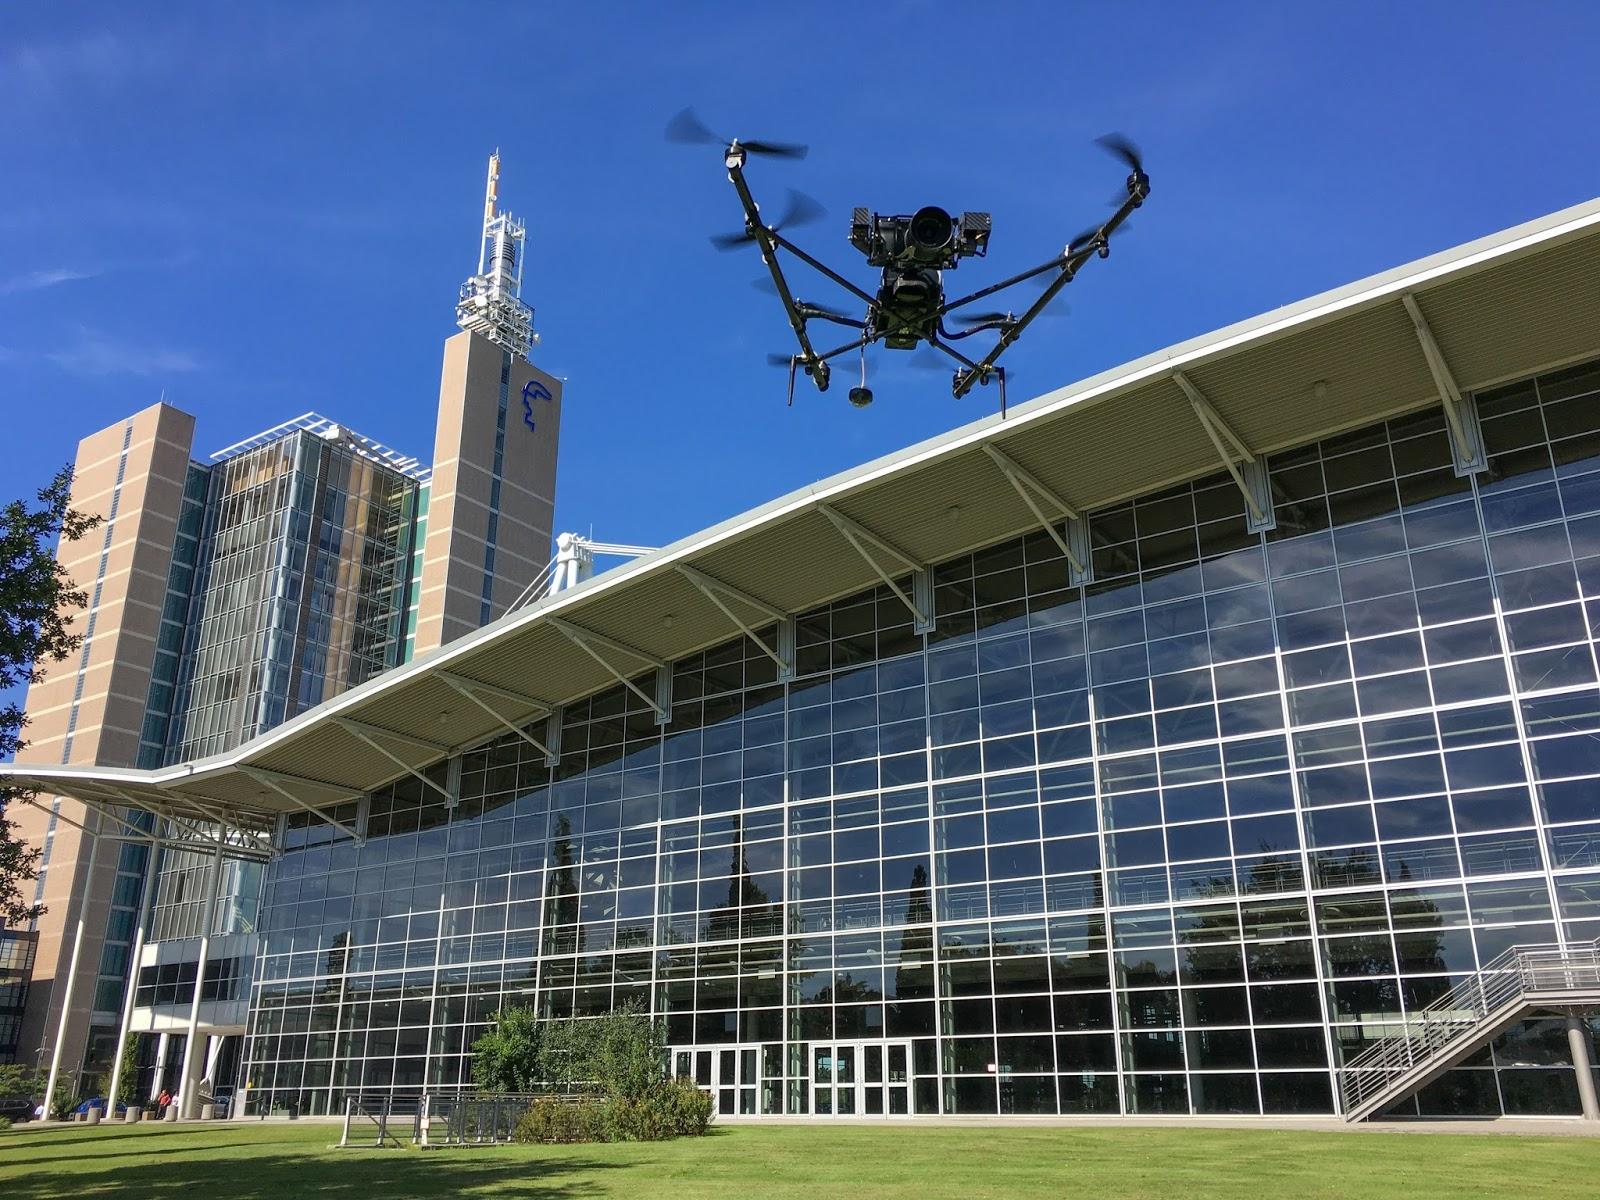 Droni, in arrivo la proroga ENAC su conversione attestato piloti e registrazione vecchi operatori